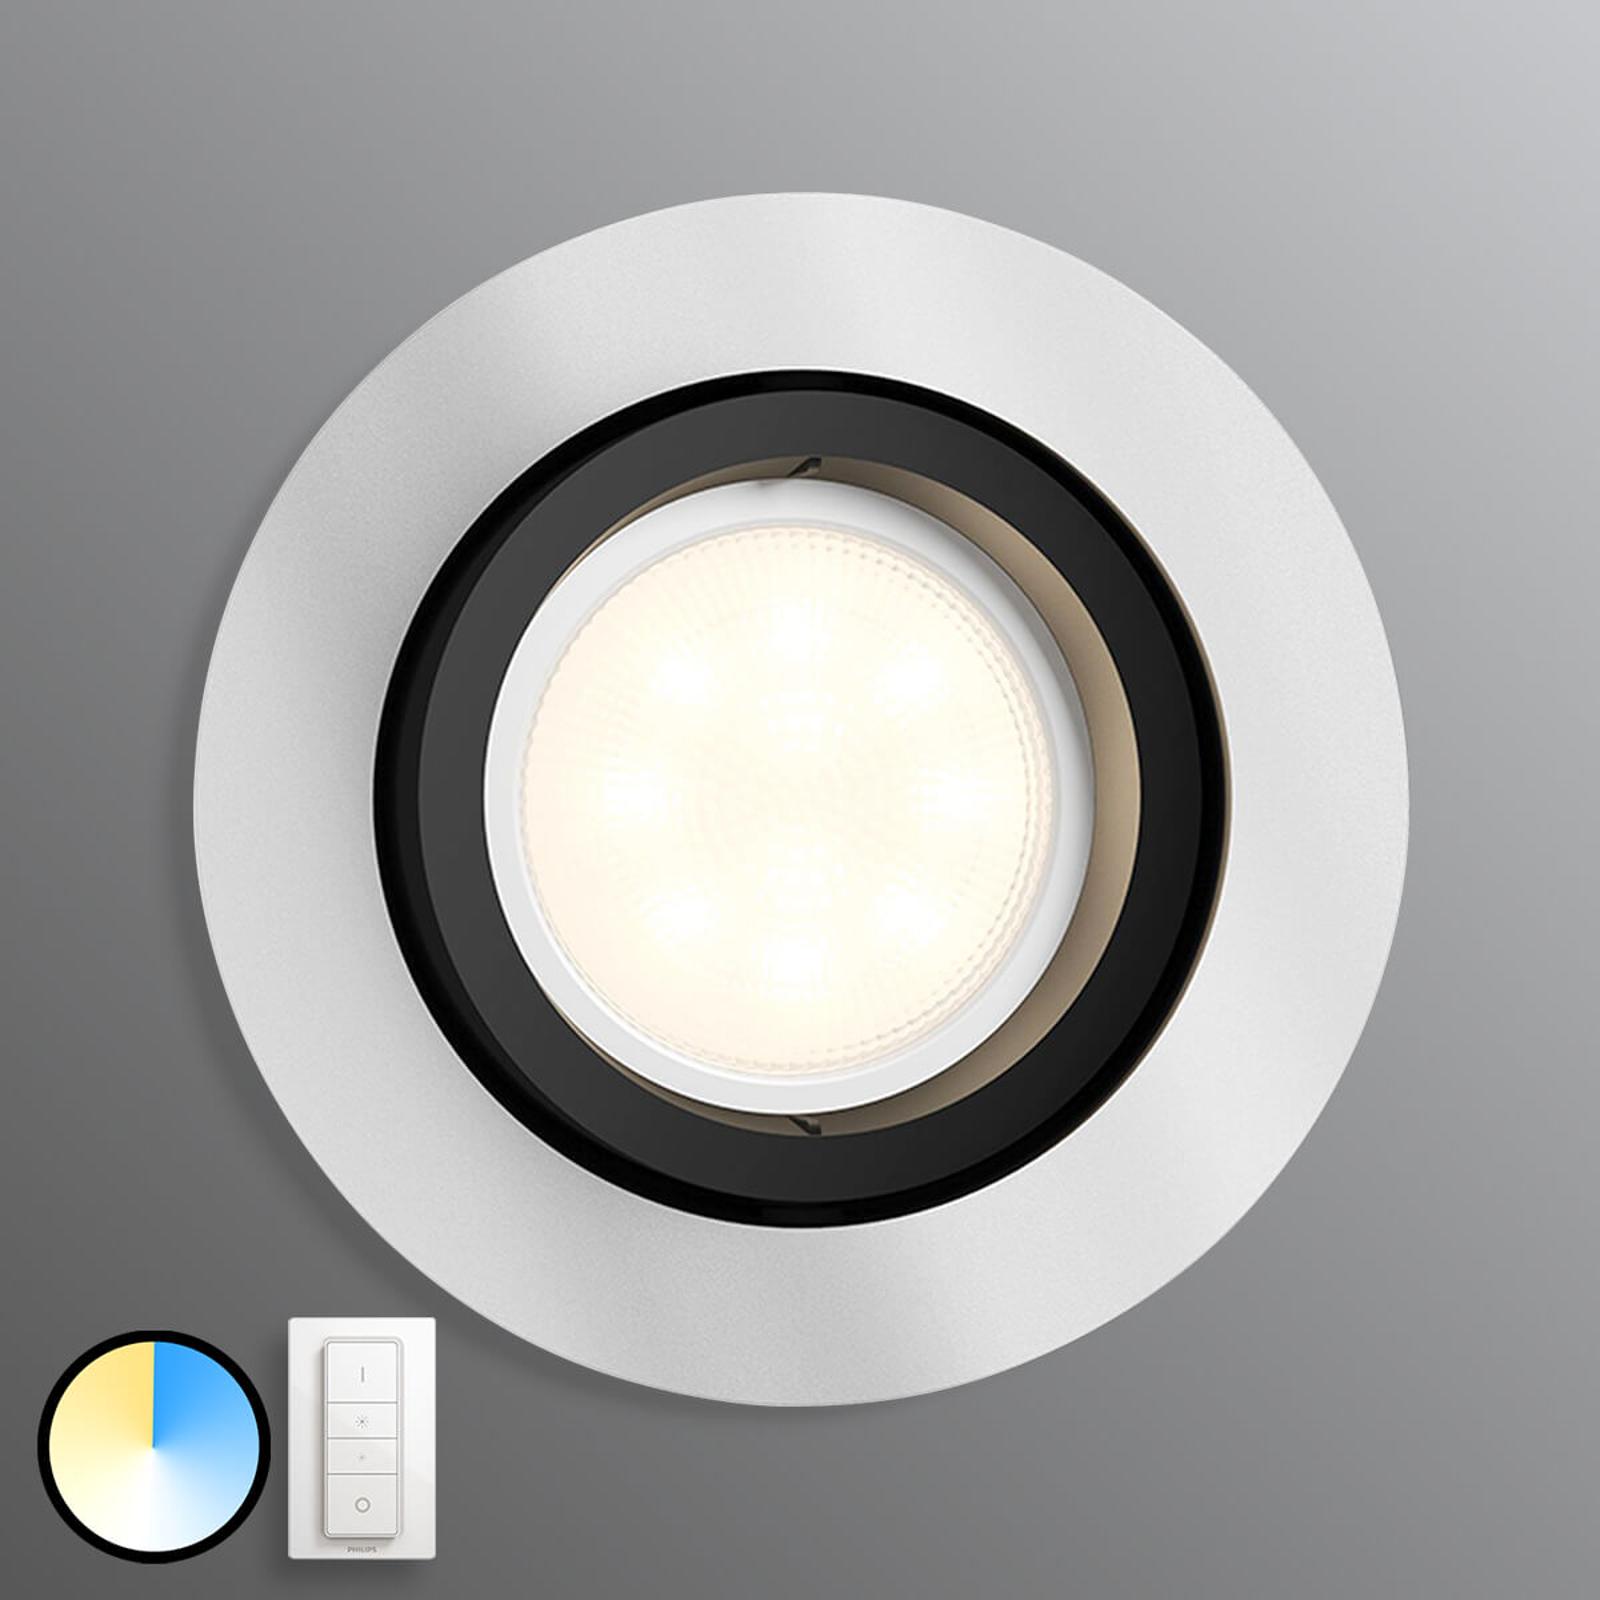 Philips Hue Milliskin okrągły aluminium ściemniacz